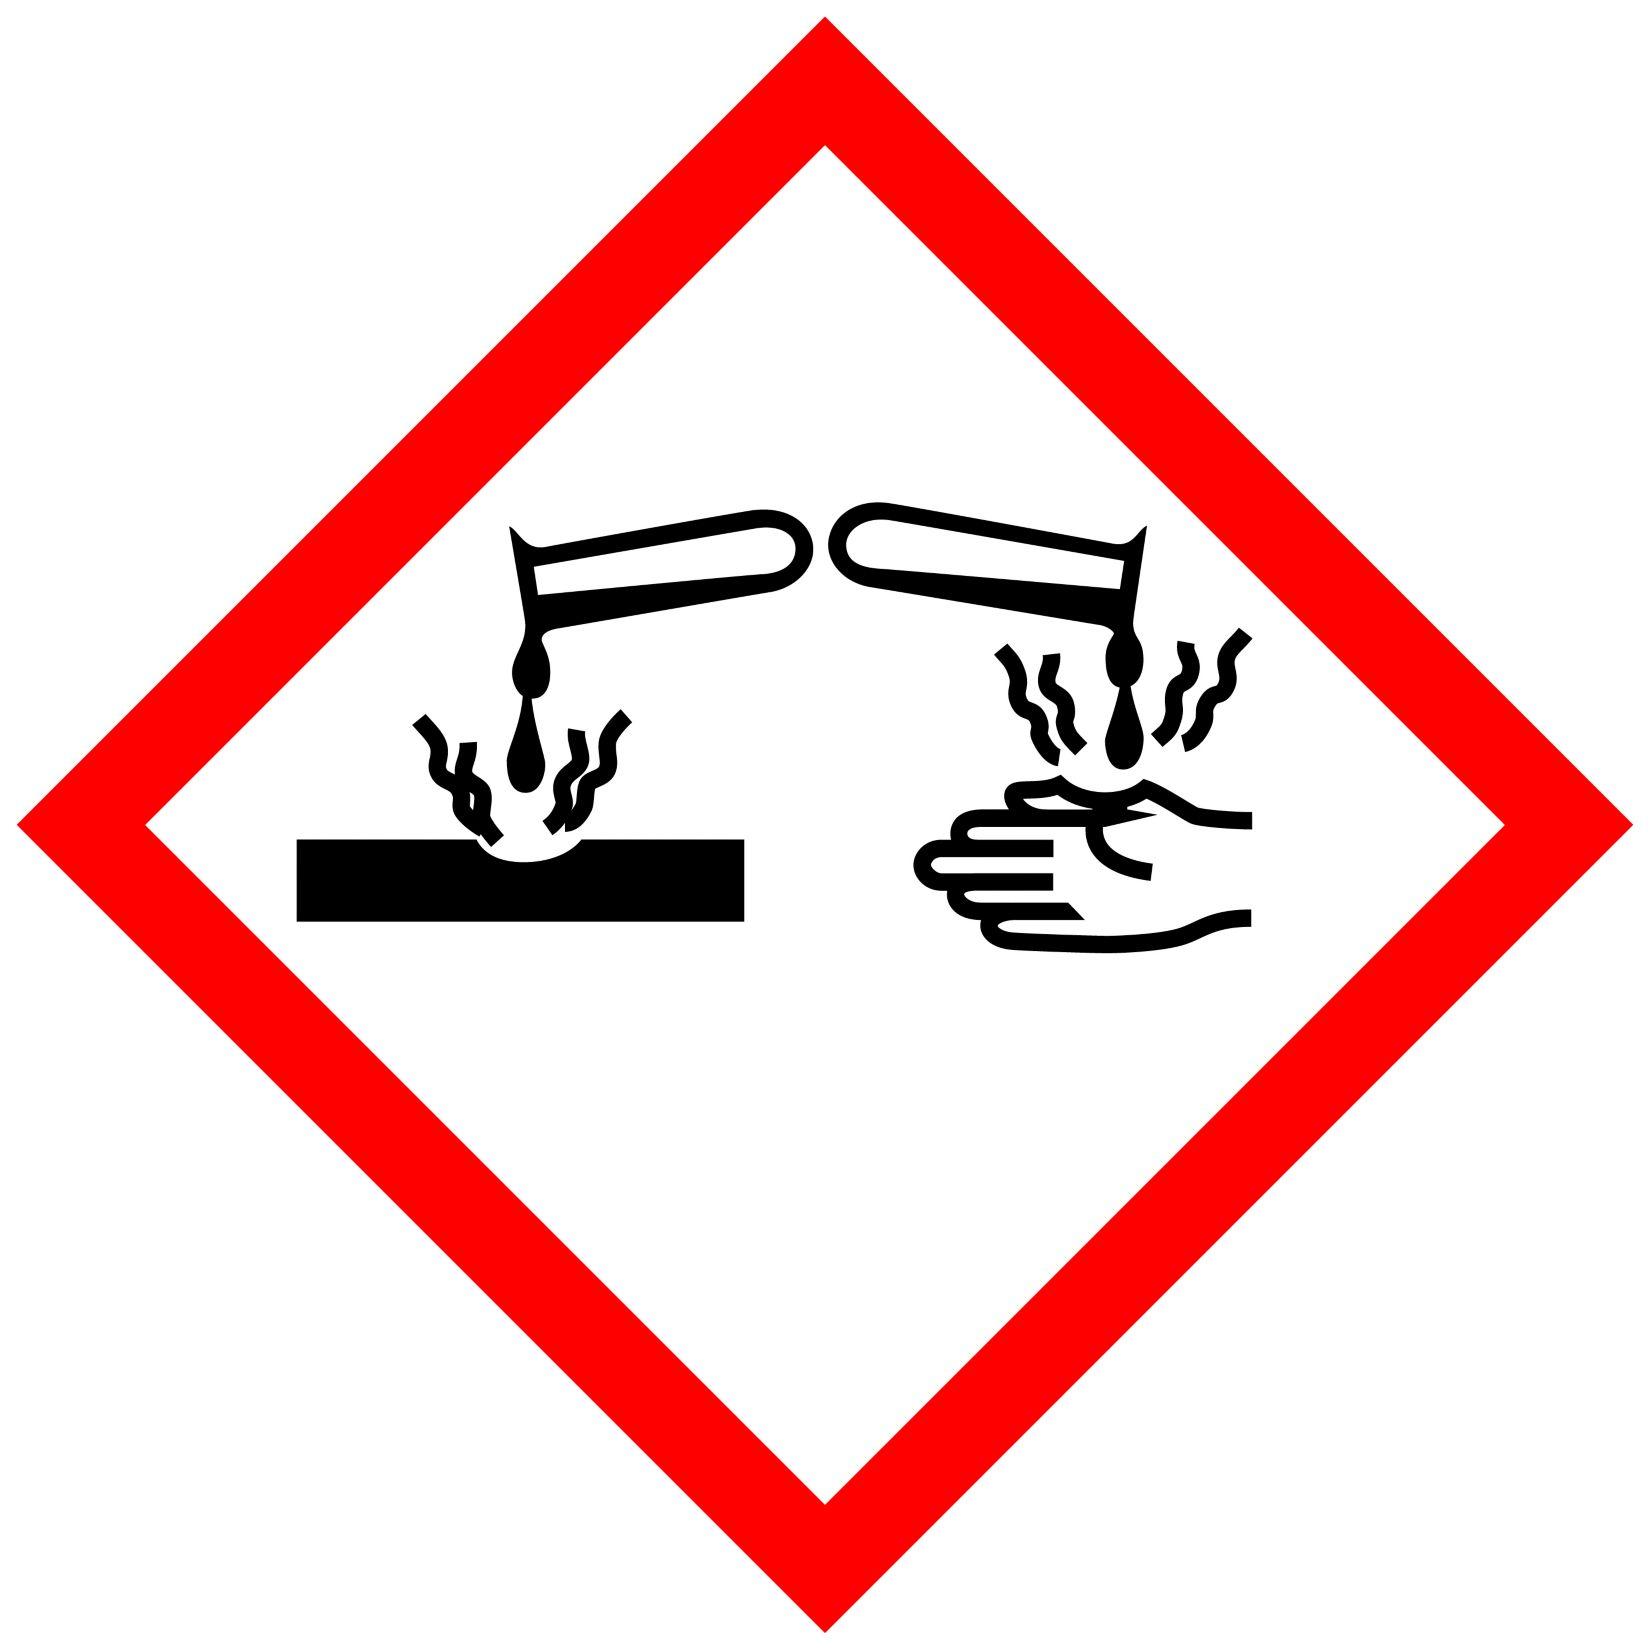 entkalker-warnzeichen